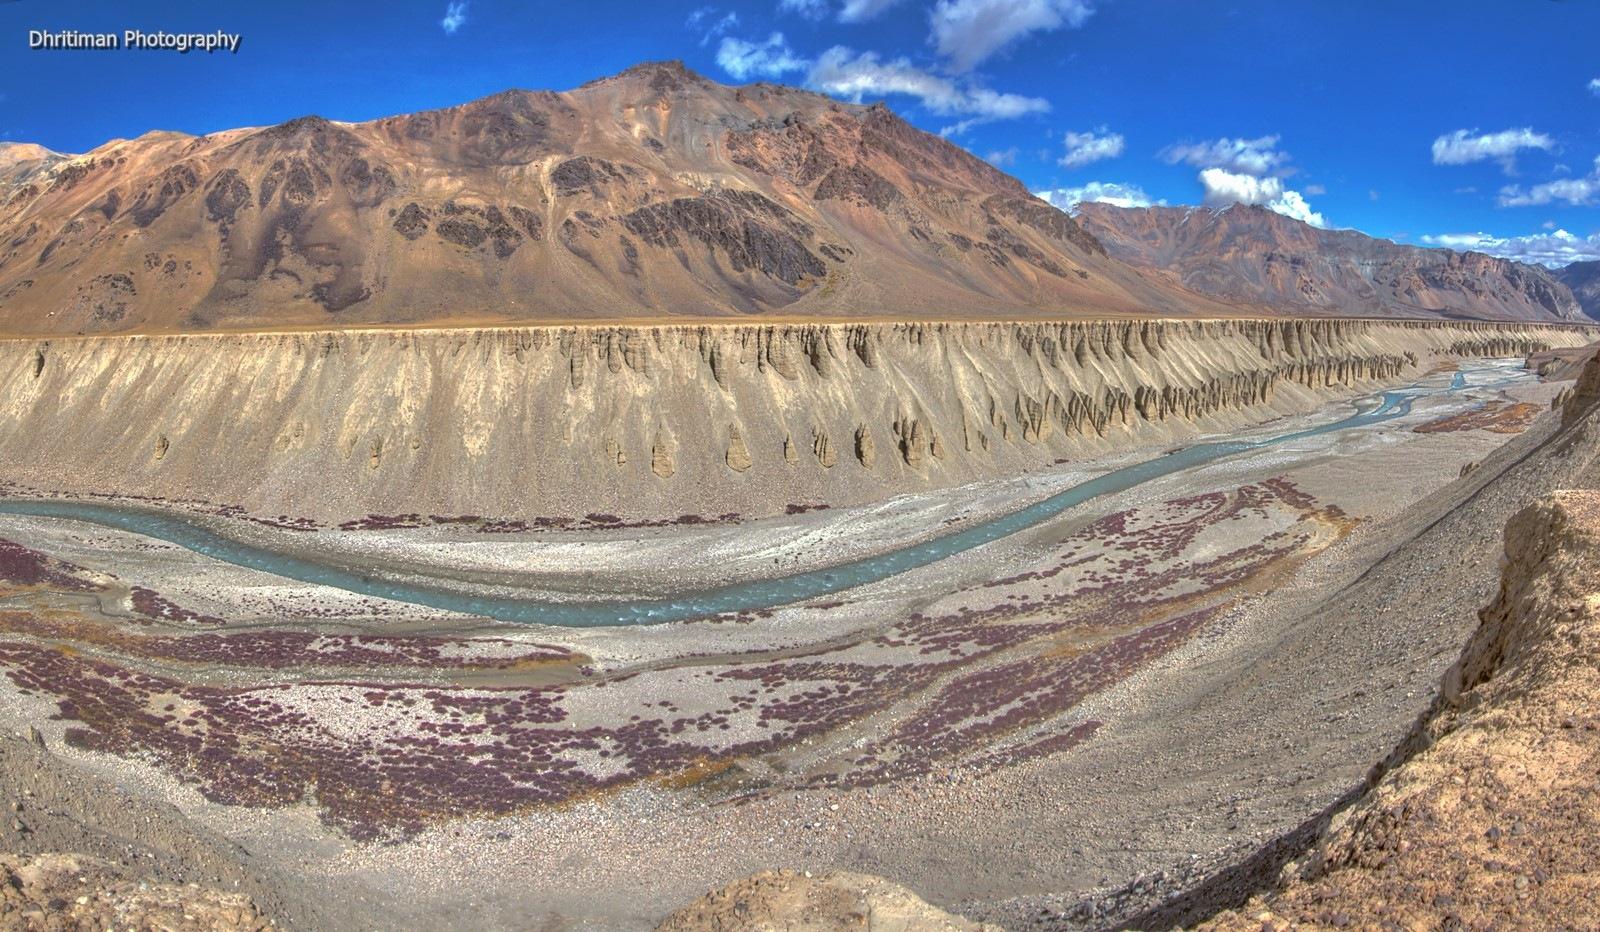 Tsarap River by dhritimanlahiri